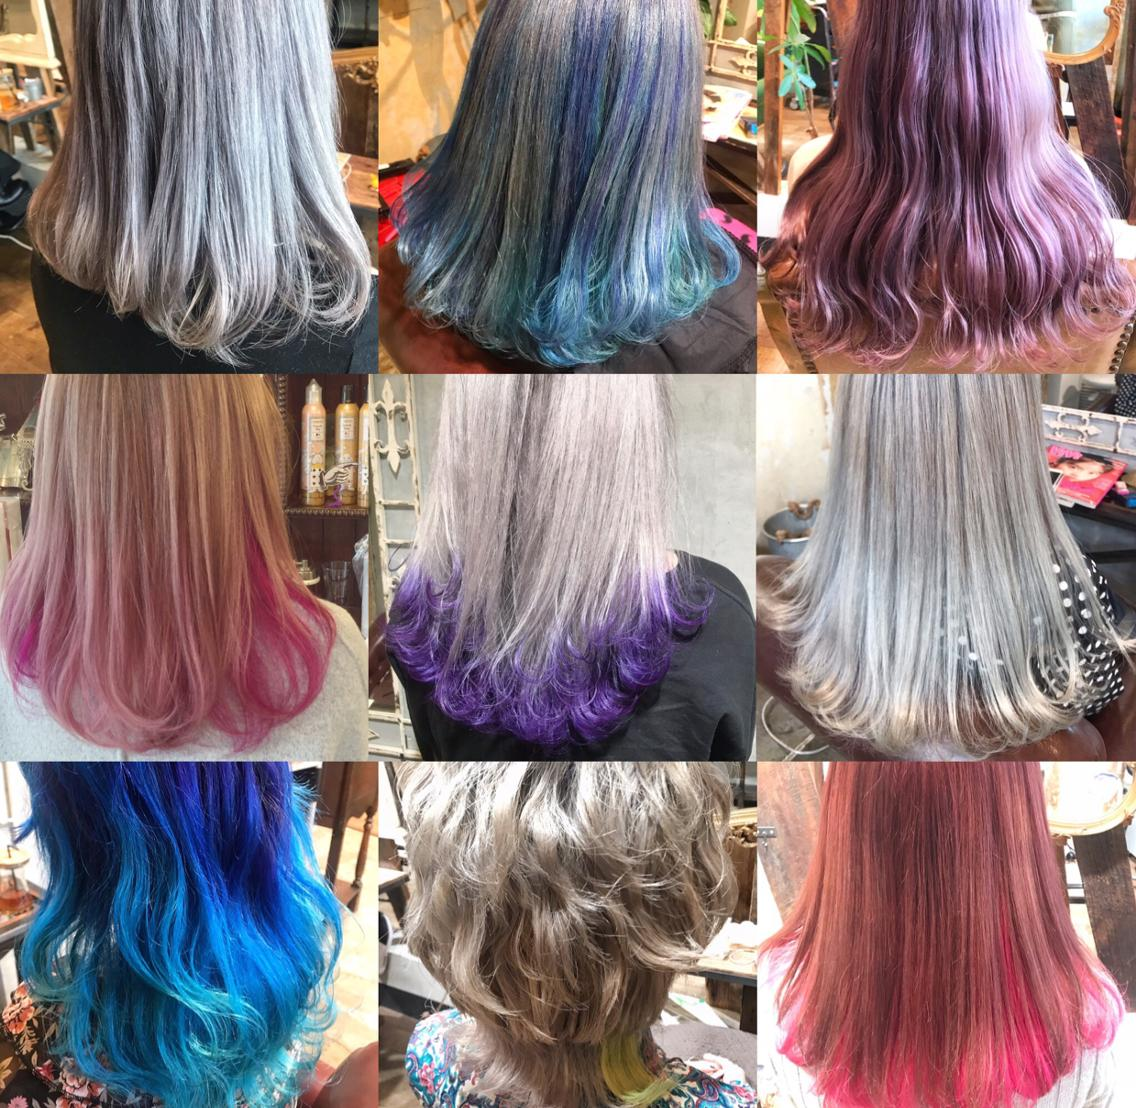 【心斎橋駅徒歩5分】minimo限定価格▷▷最大50%off❣oggi ottoトリートメント付♥️♥️i ♡cute hair!!